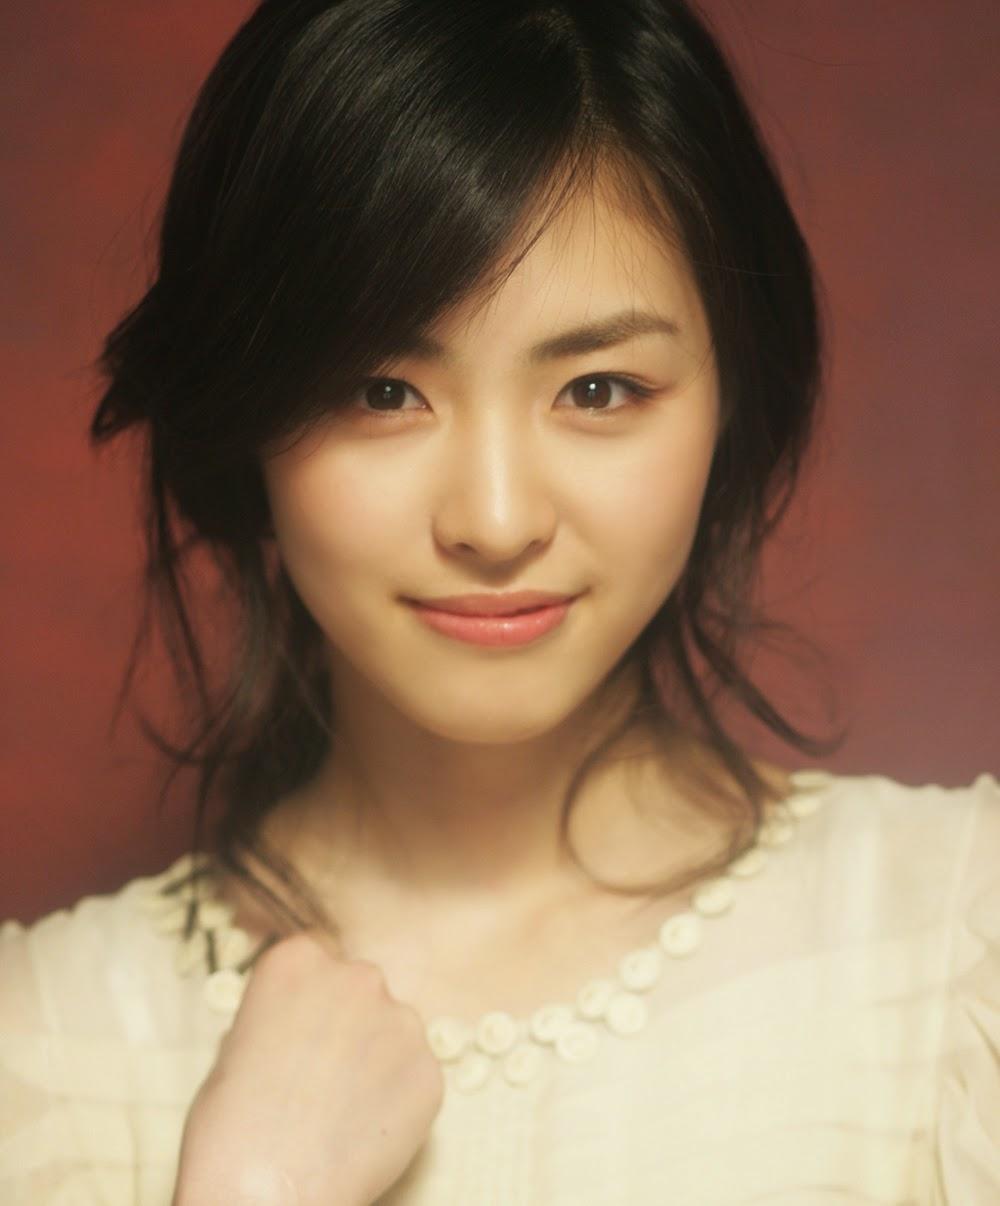 Foto Profil Artis Profil Artis Korea Lee Yeon